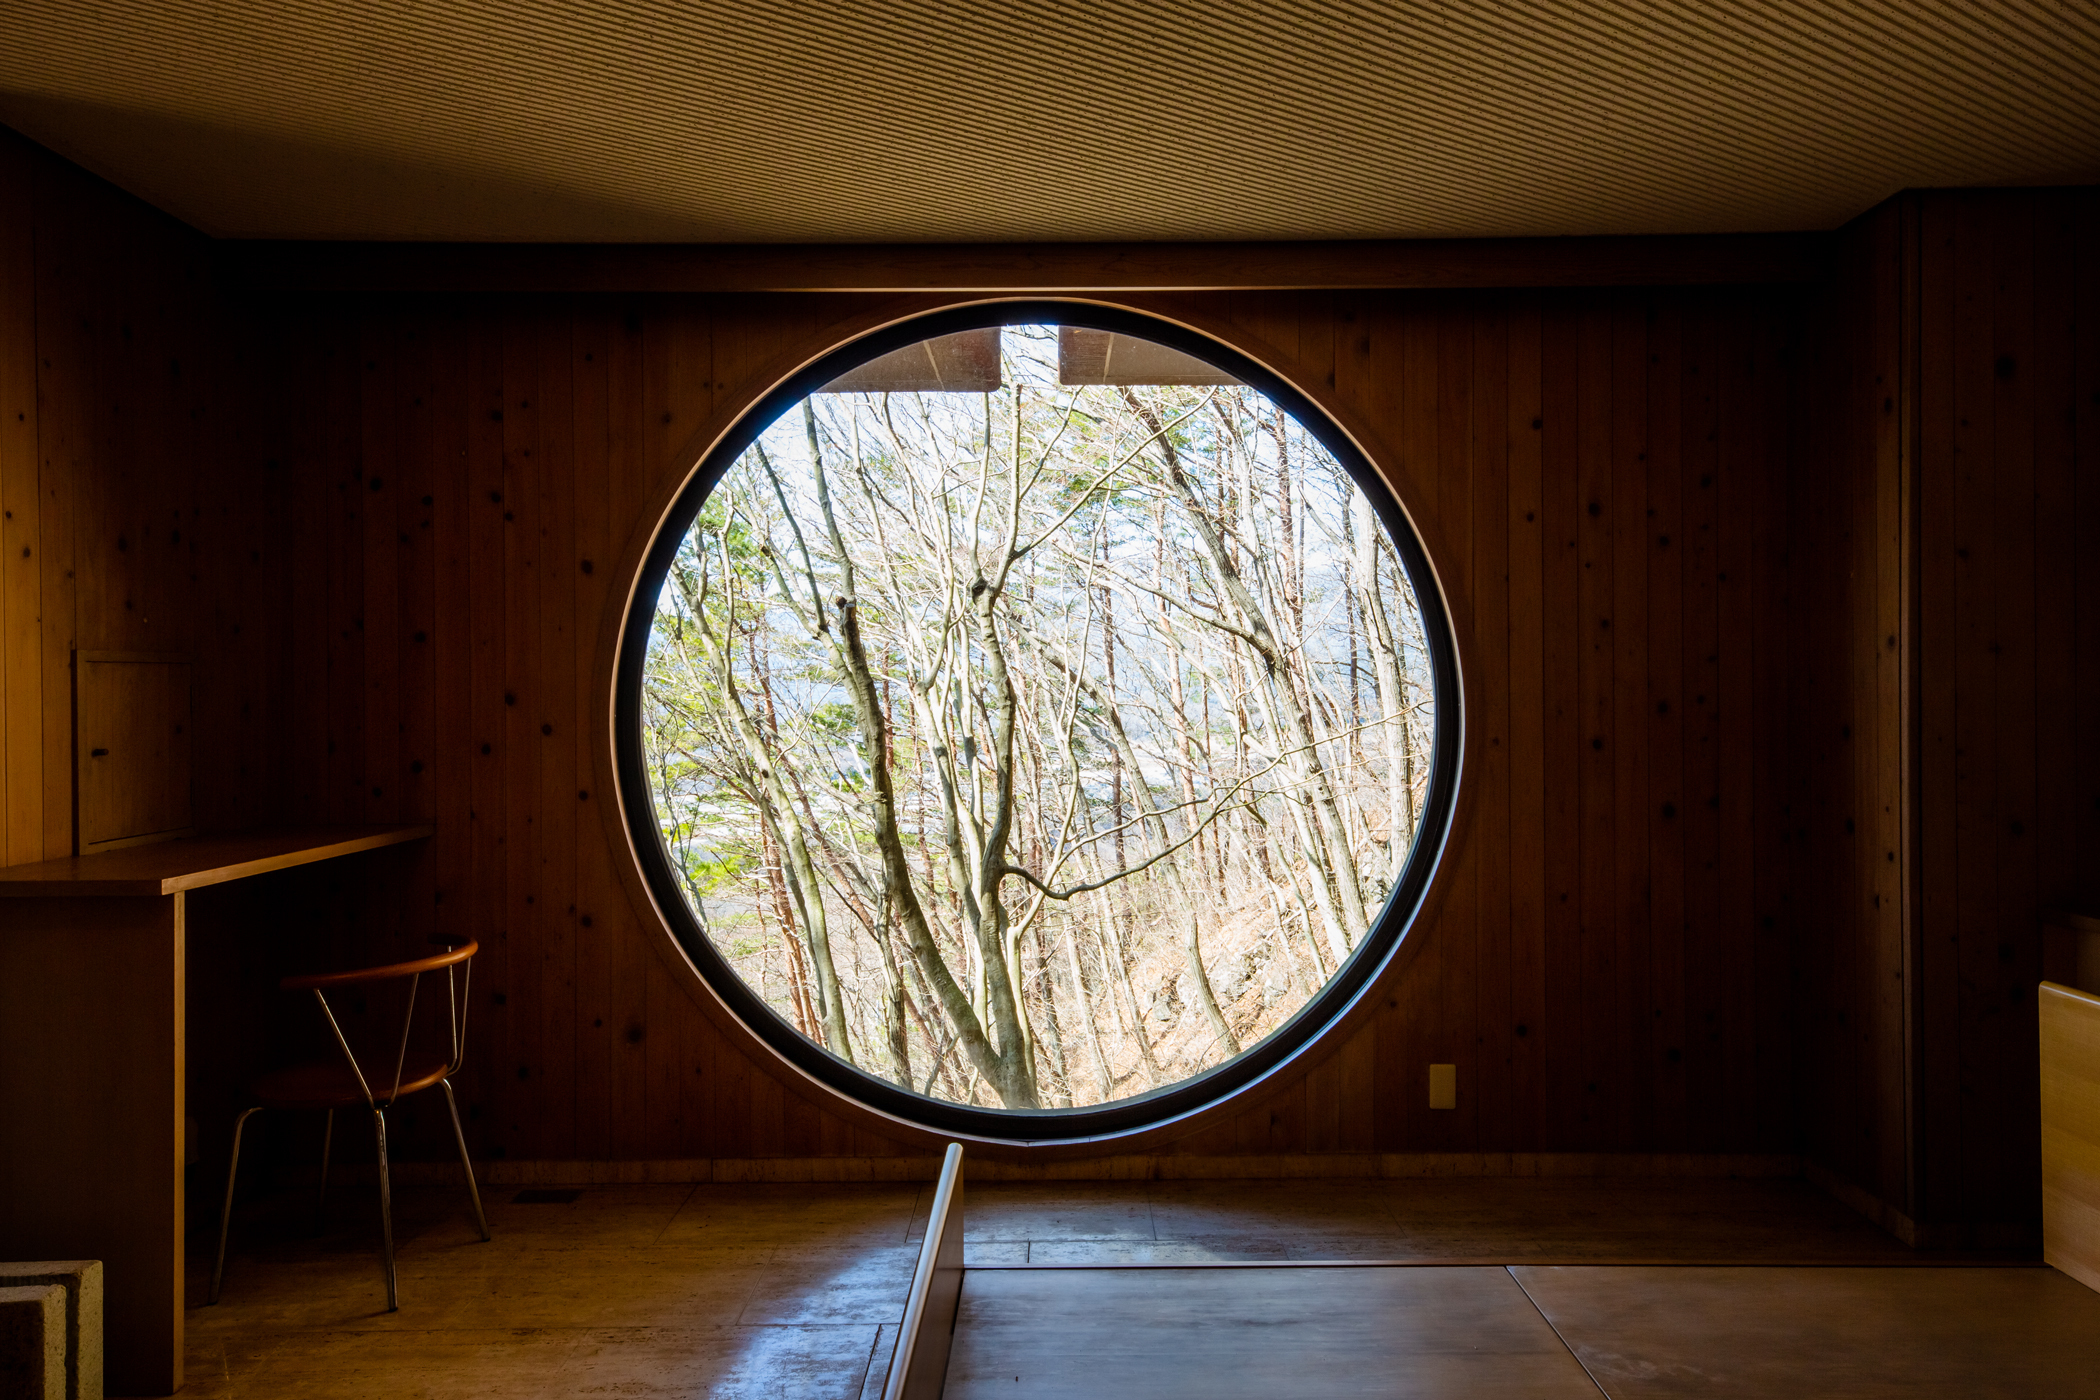 山奥に眠るメタボリズム建築の傑作が宿泊施設へ